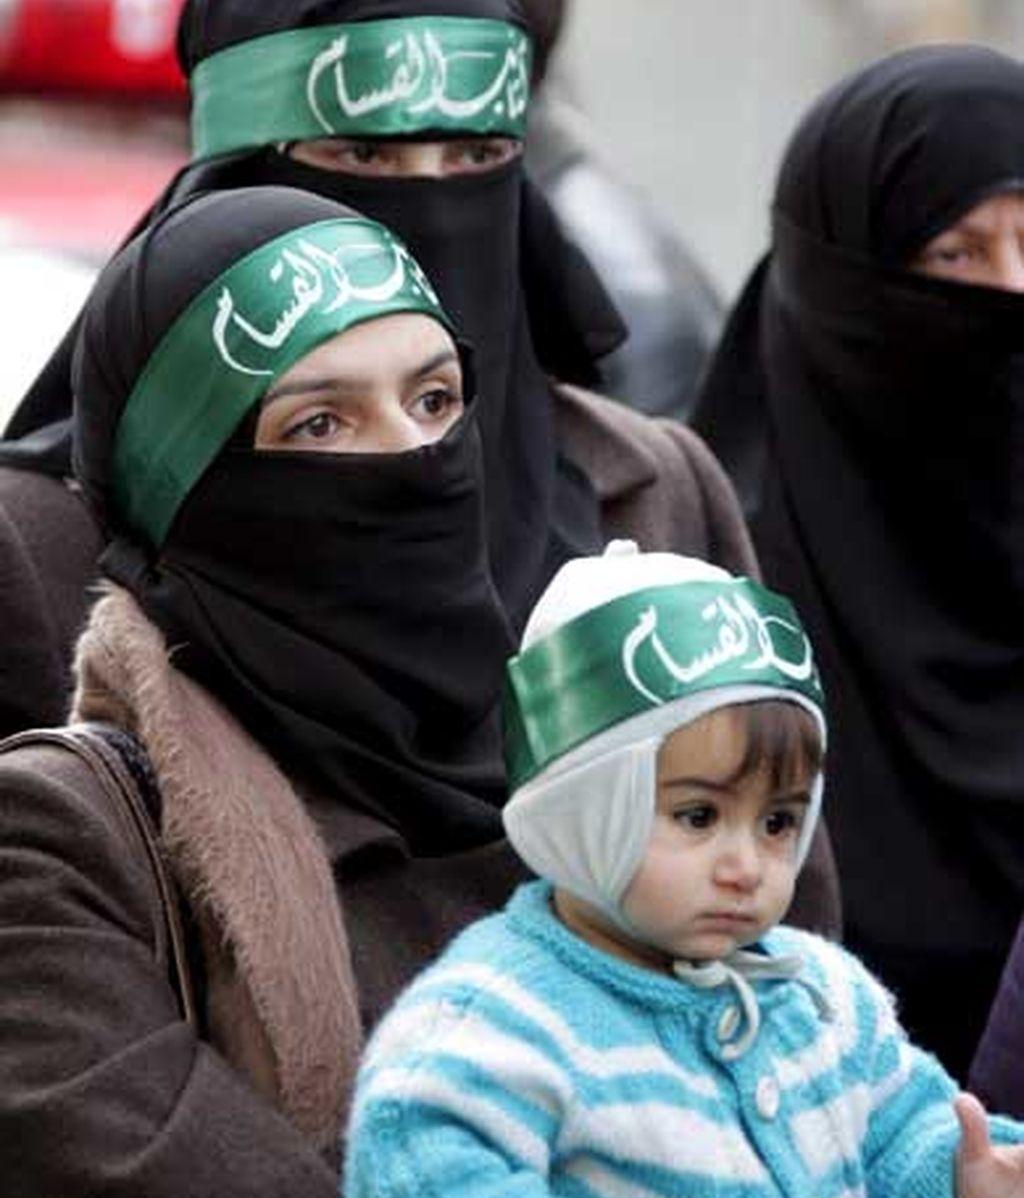 Simpatizantes de Hamás se manifiestan en Damasco (Siria) contra los ataques israelíes sobre Gaza. Foto: EFE